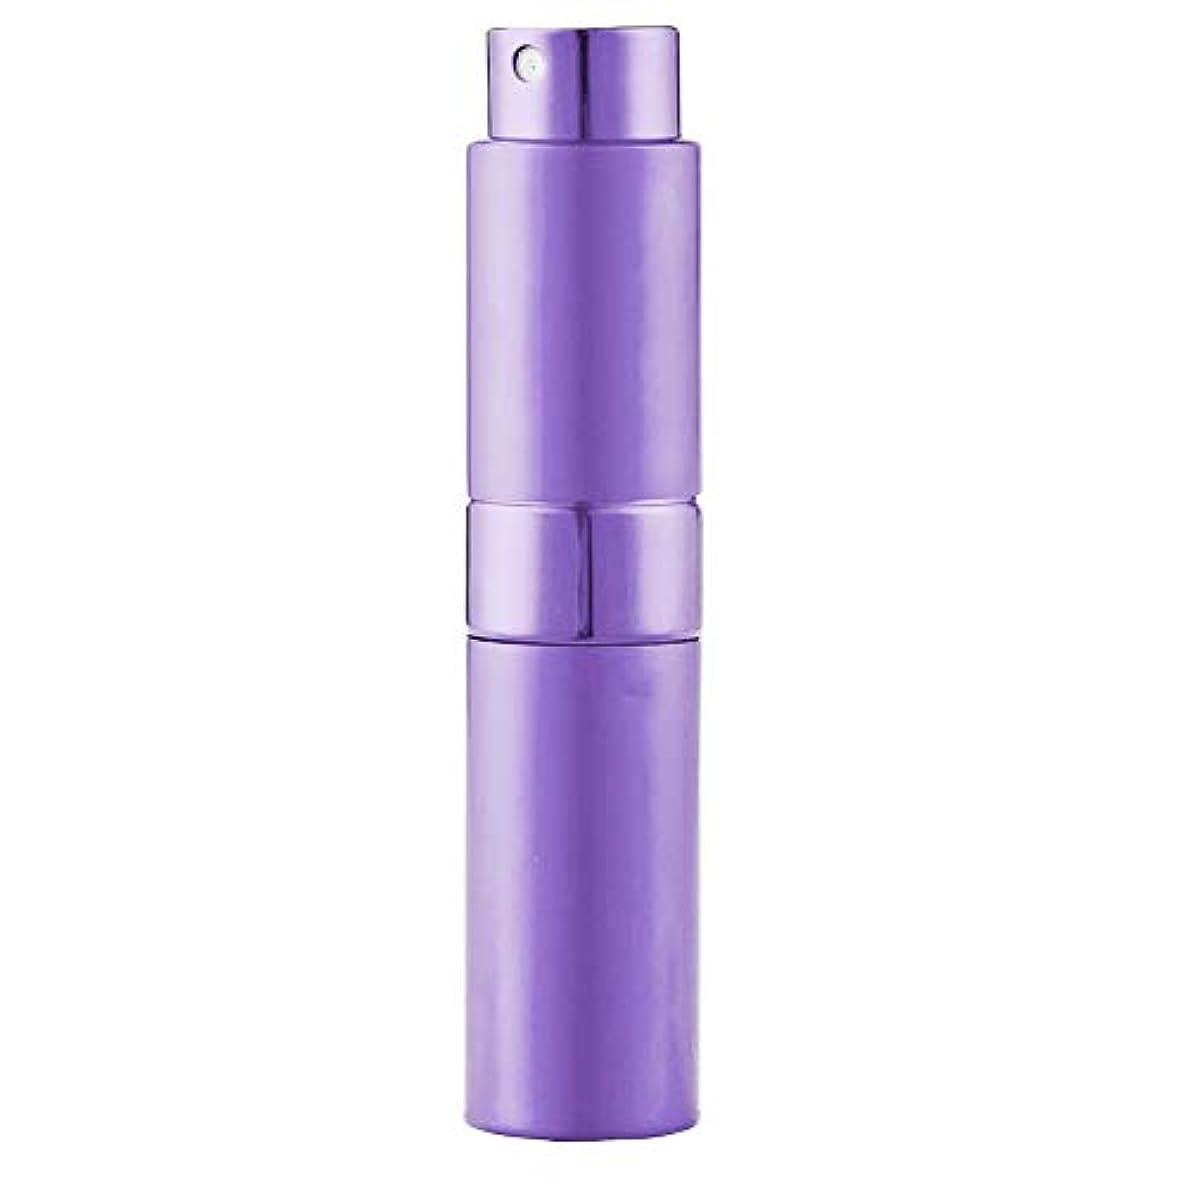 お世話になったダーツ死にかけているLadygogo 香水アトマイザーセット 回転プッシュ式 スプレー ボトル 香水スプレー 詰め替え 持ち運び 身だしなみ 携帯用 男女兼用 (紫)